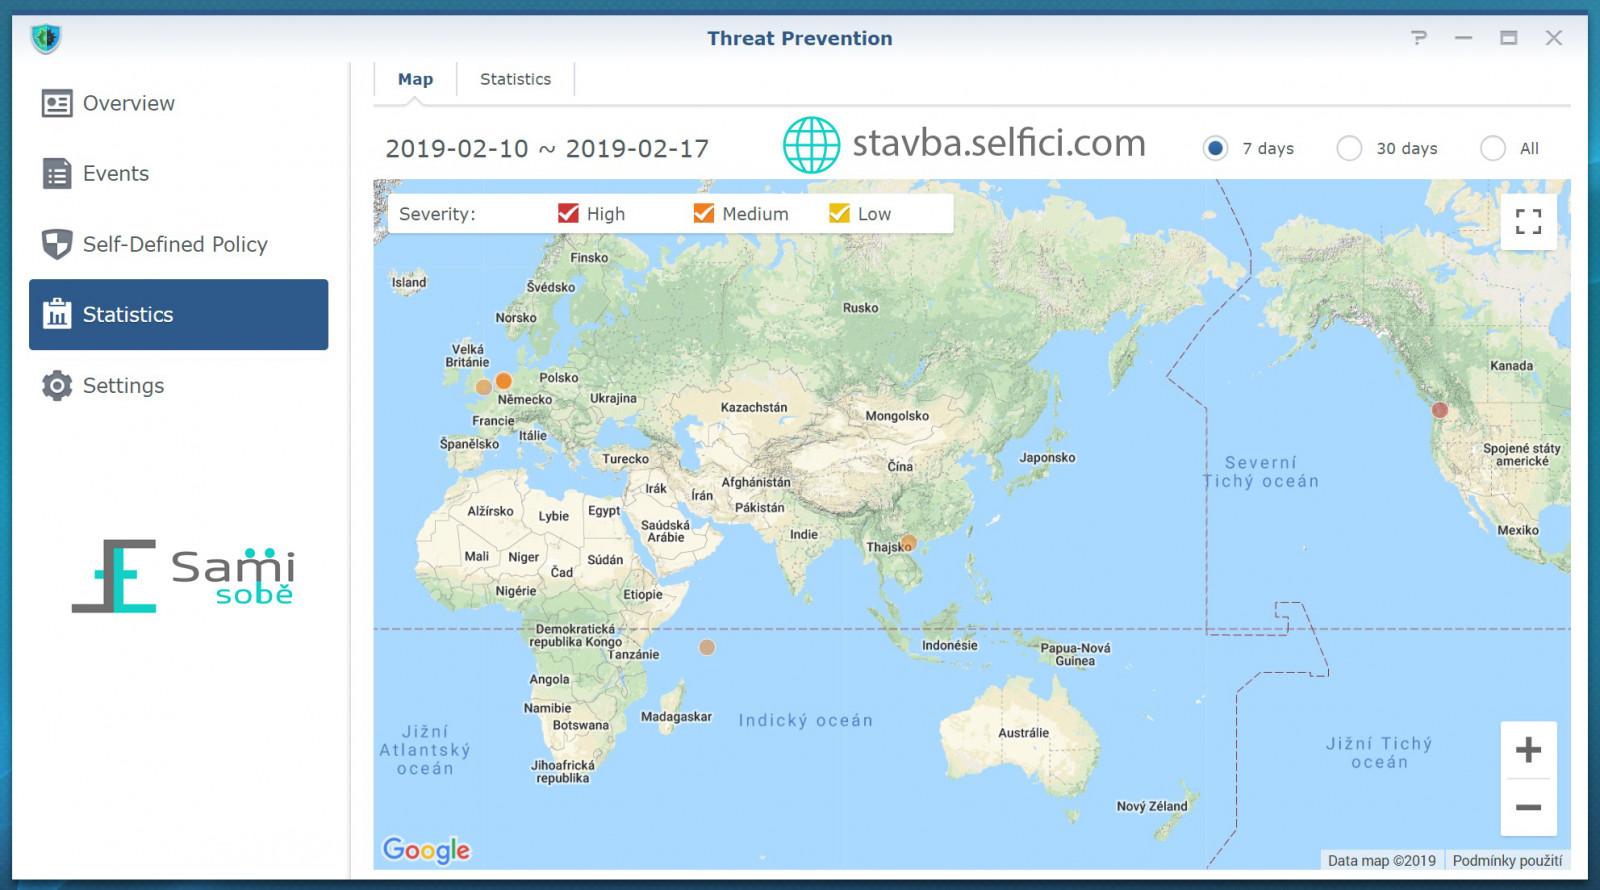 Mapa bezpečnostních incidentů v Threat Prevention